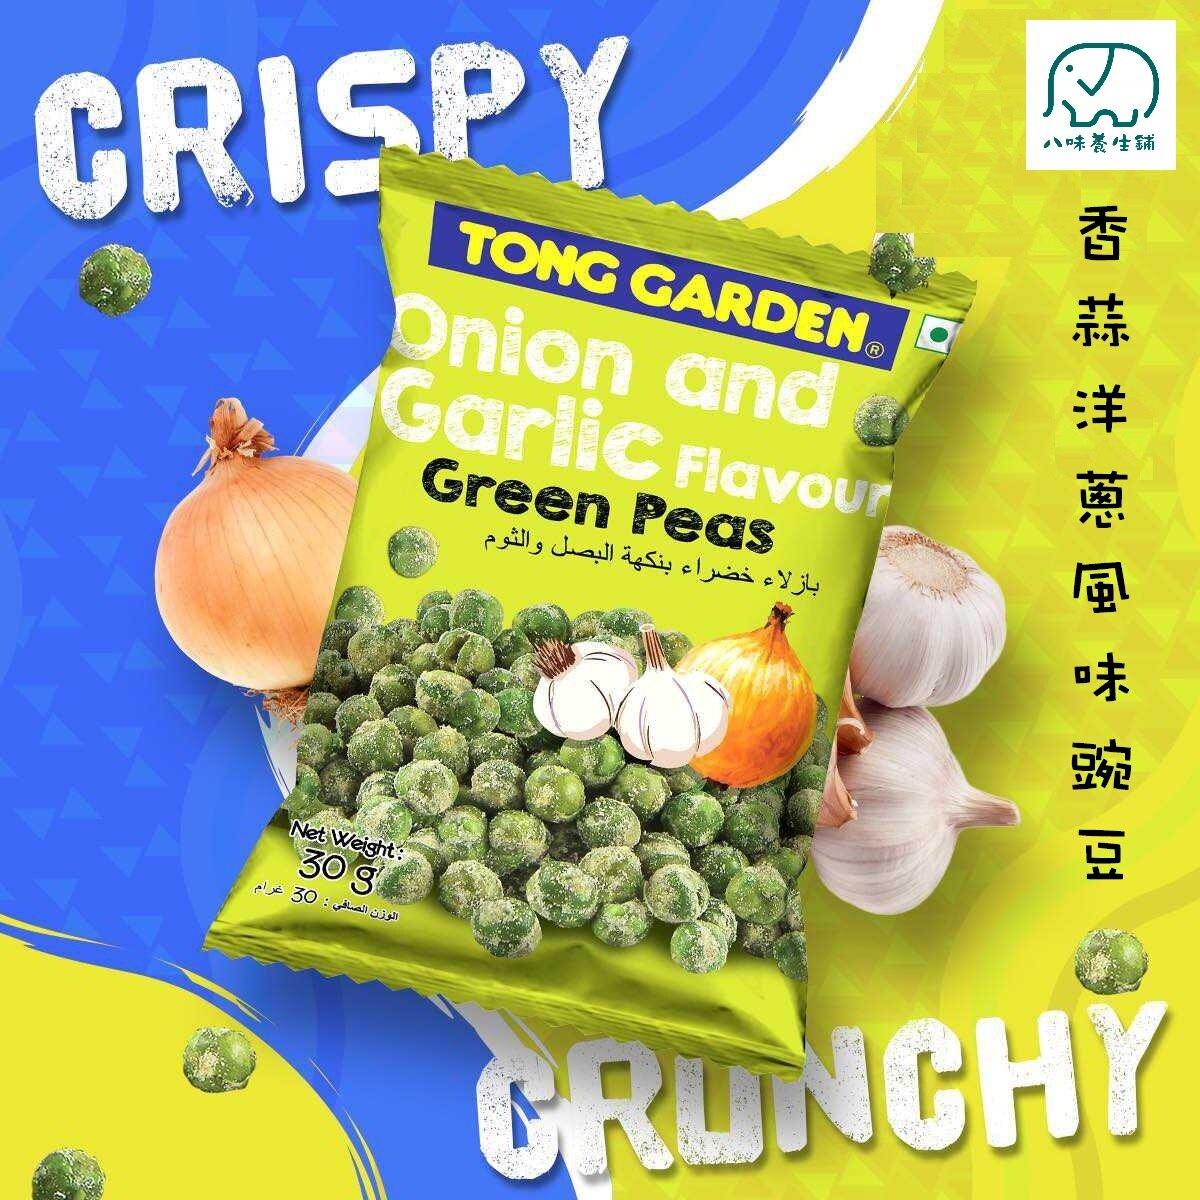 泰國香蒜洋蔥豌豆 八味養生鋪 65克 泰國 東園 Tong Garden 豌豆 豌豆酥 零食 點心